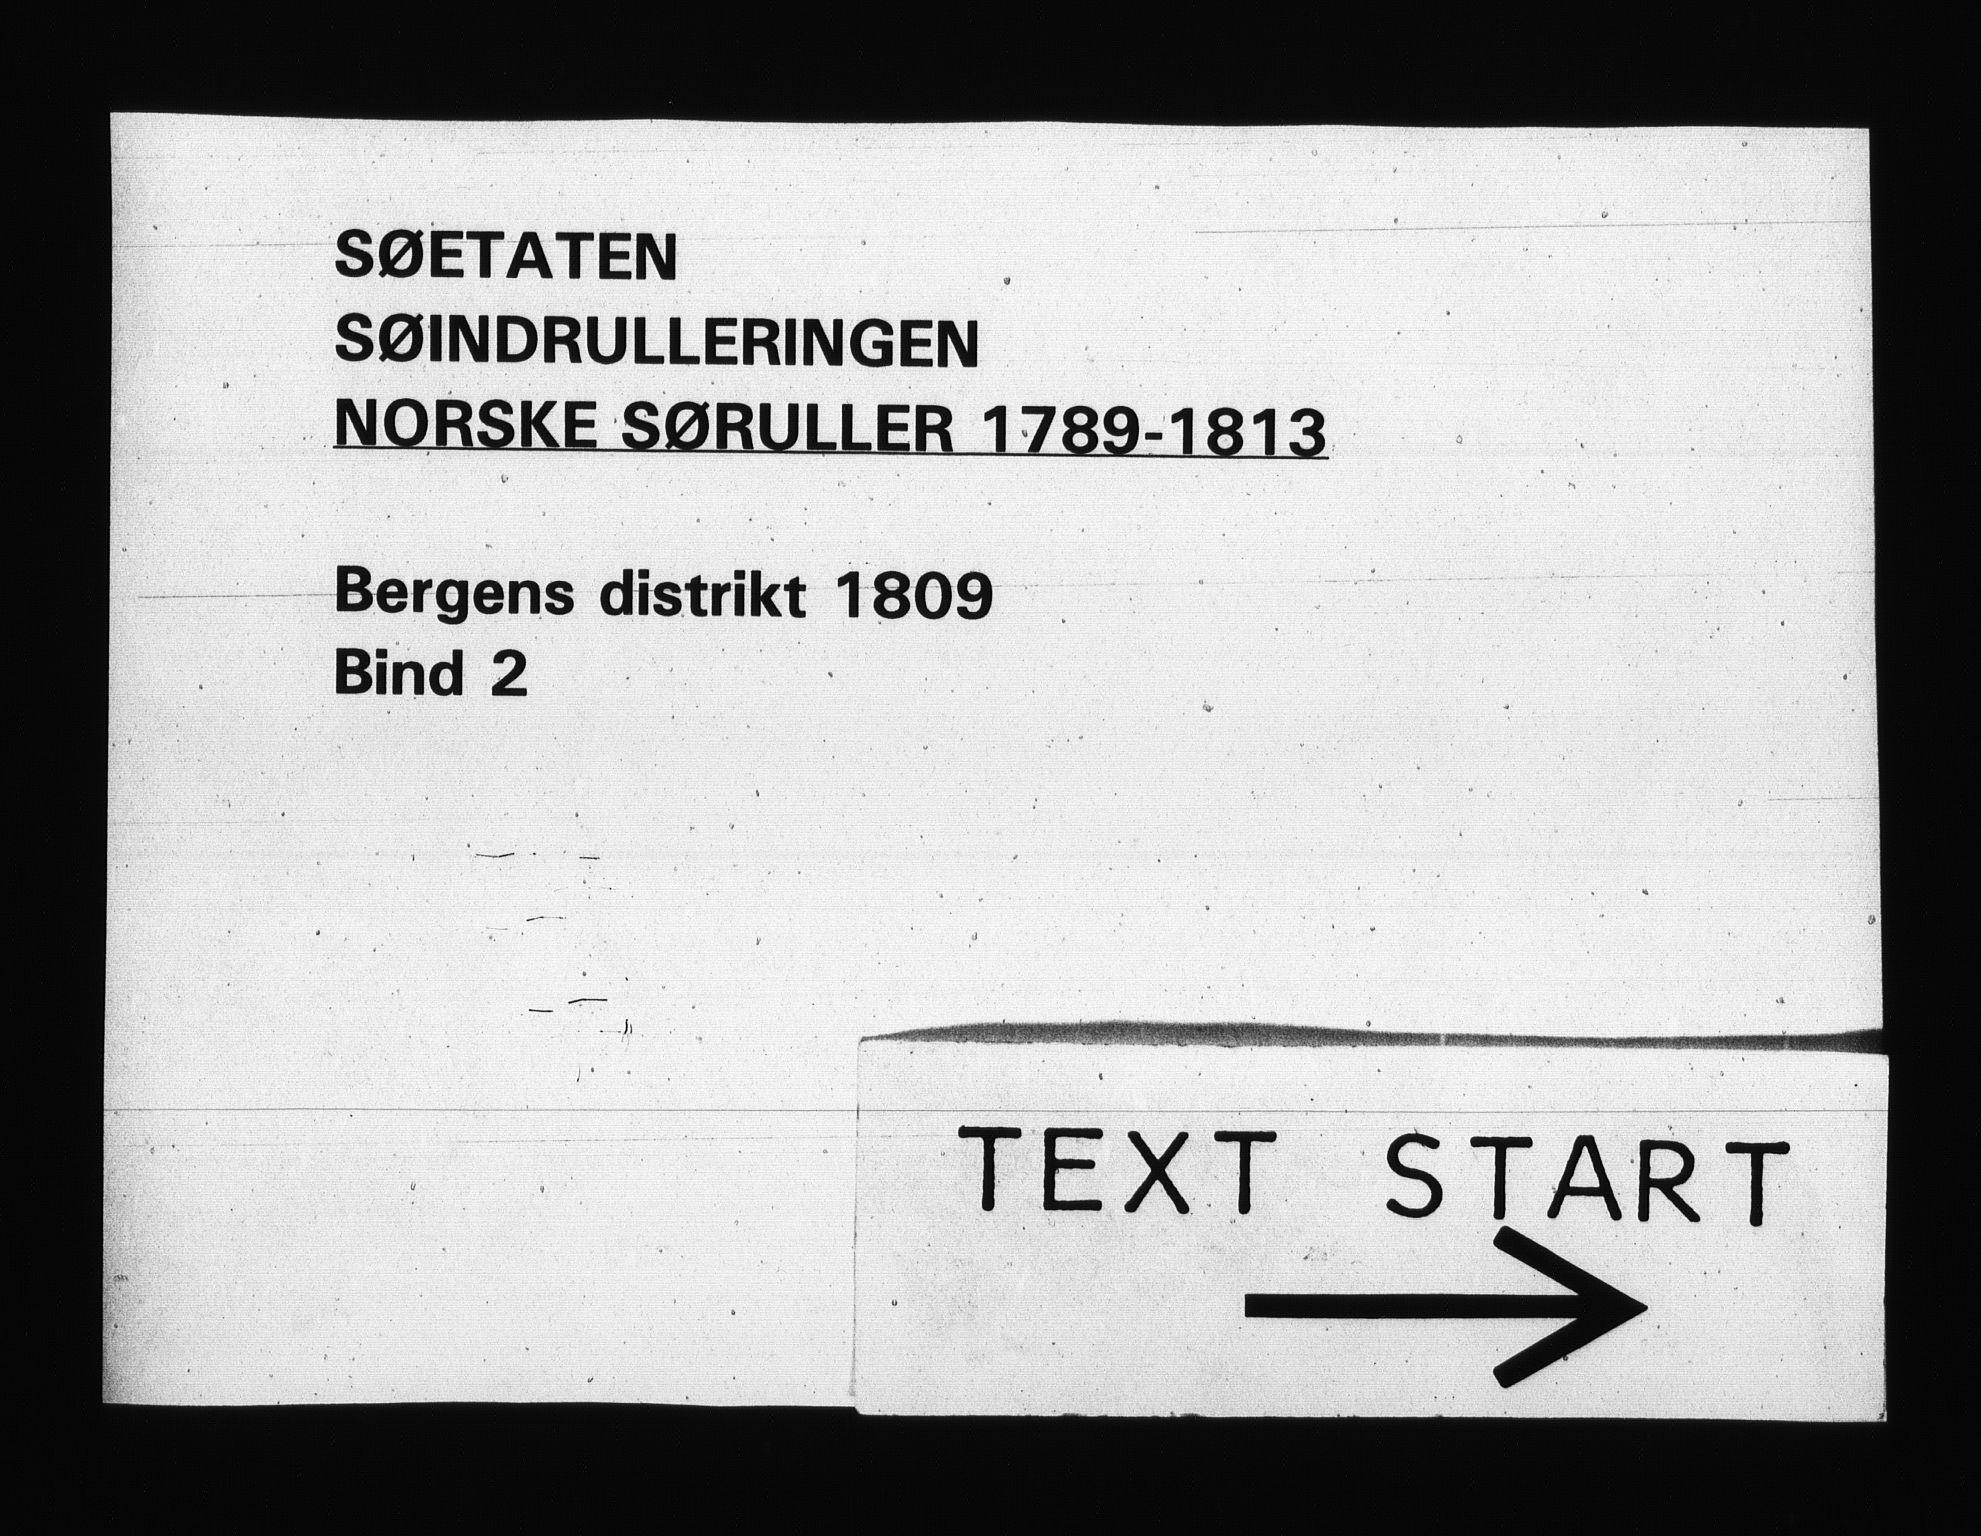 RA, Sjøetaten, F/L0249: Bergen distrikt, bind 2, 1809